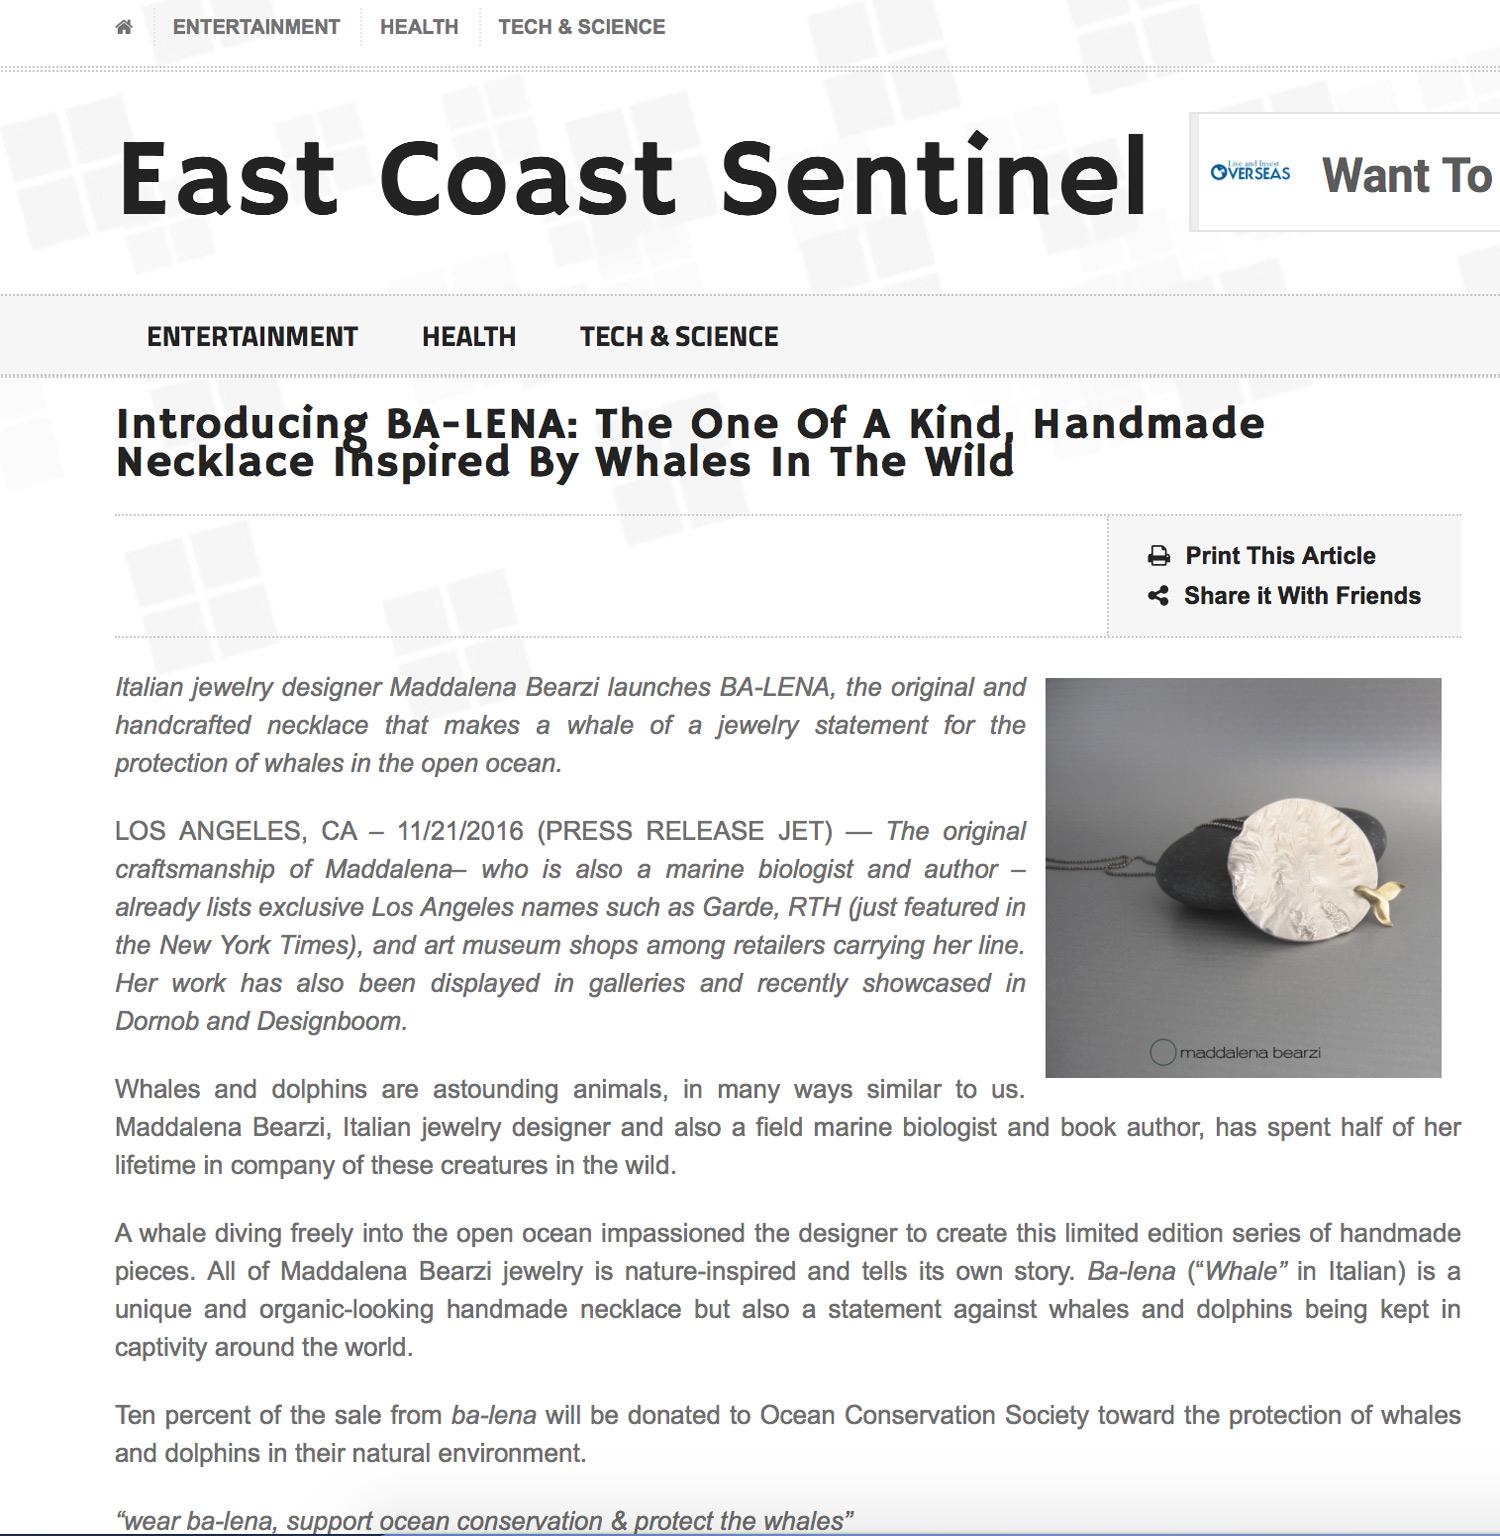 East Coast Sentinel